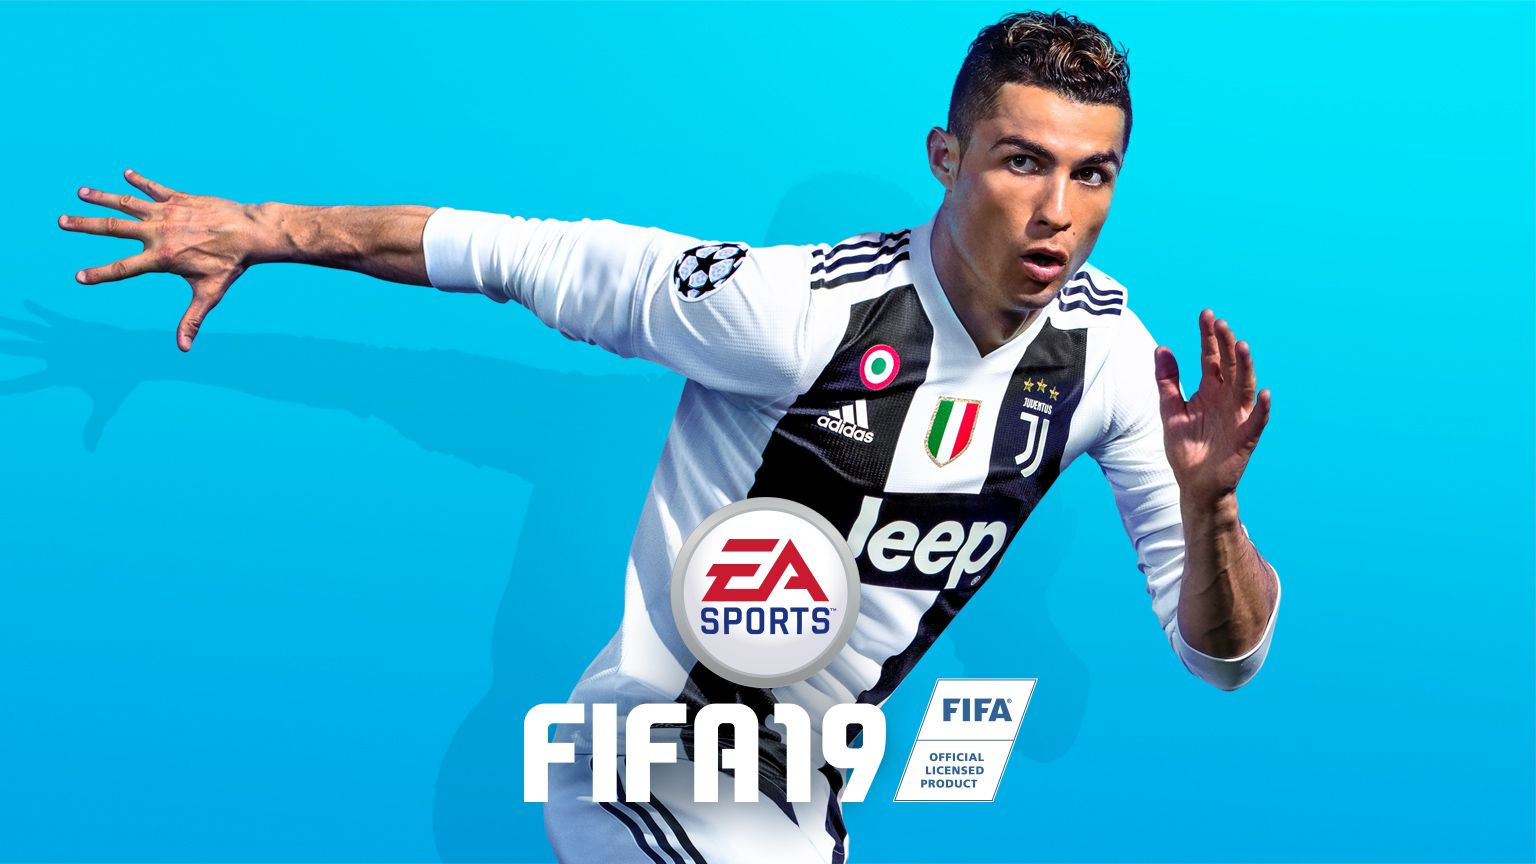 FIFA 19: Comparação gráfica entre a versão de Nintendo Switch e Xbox One